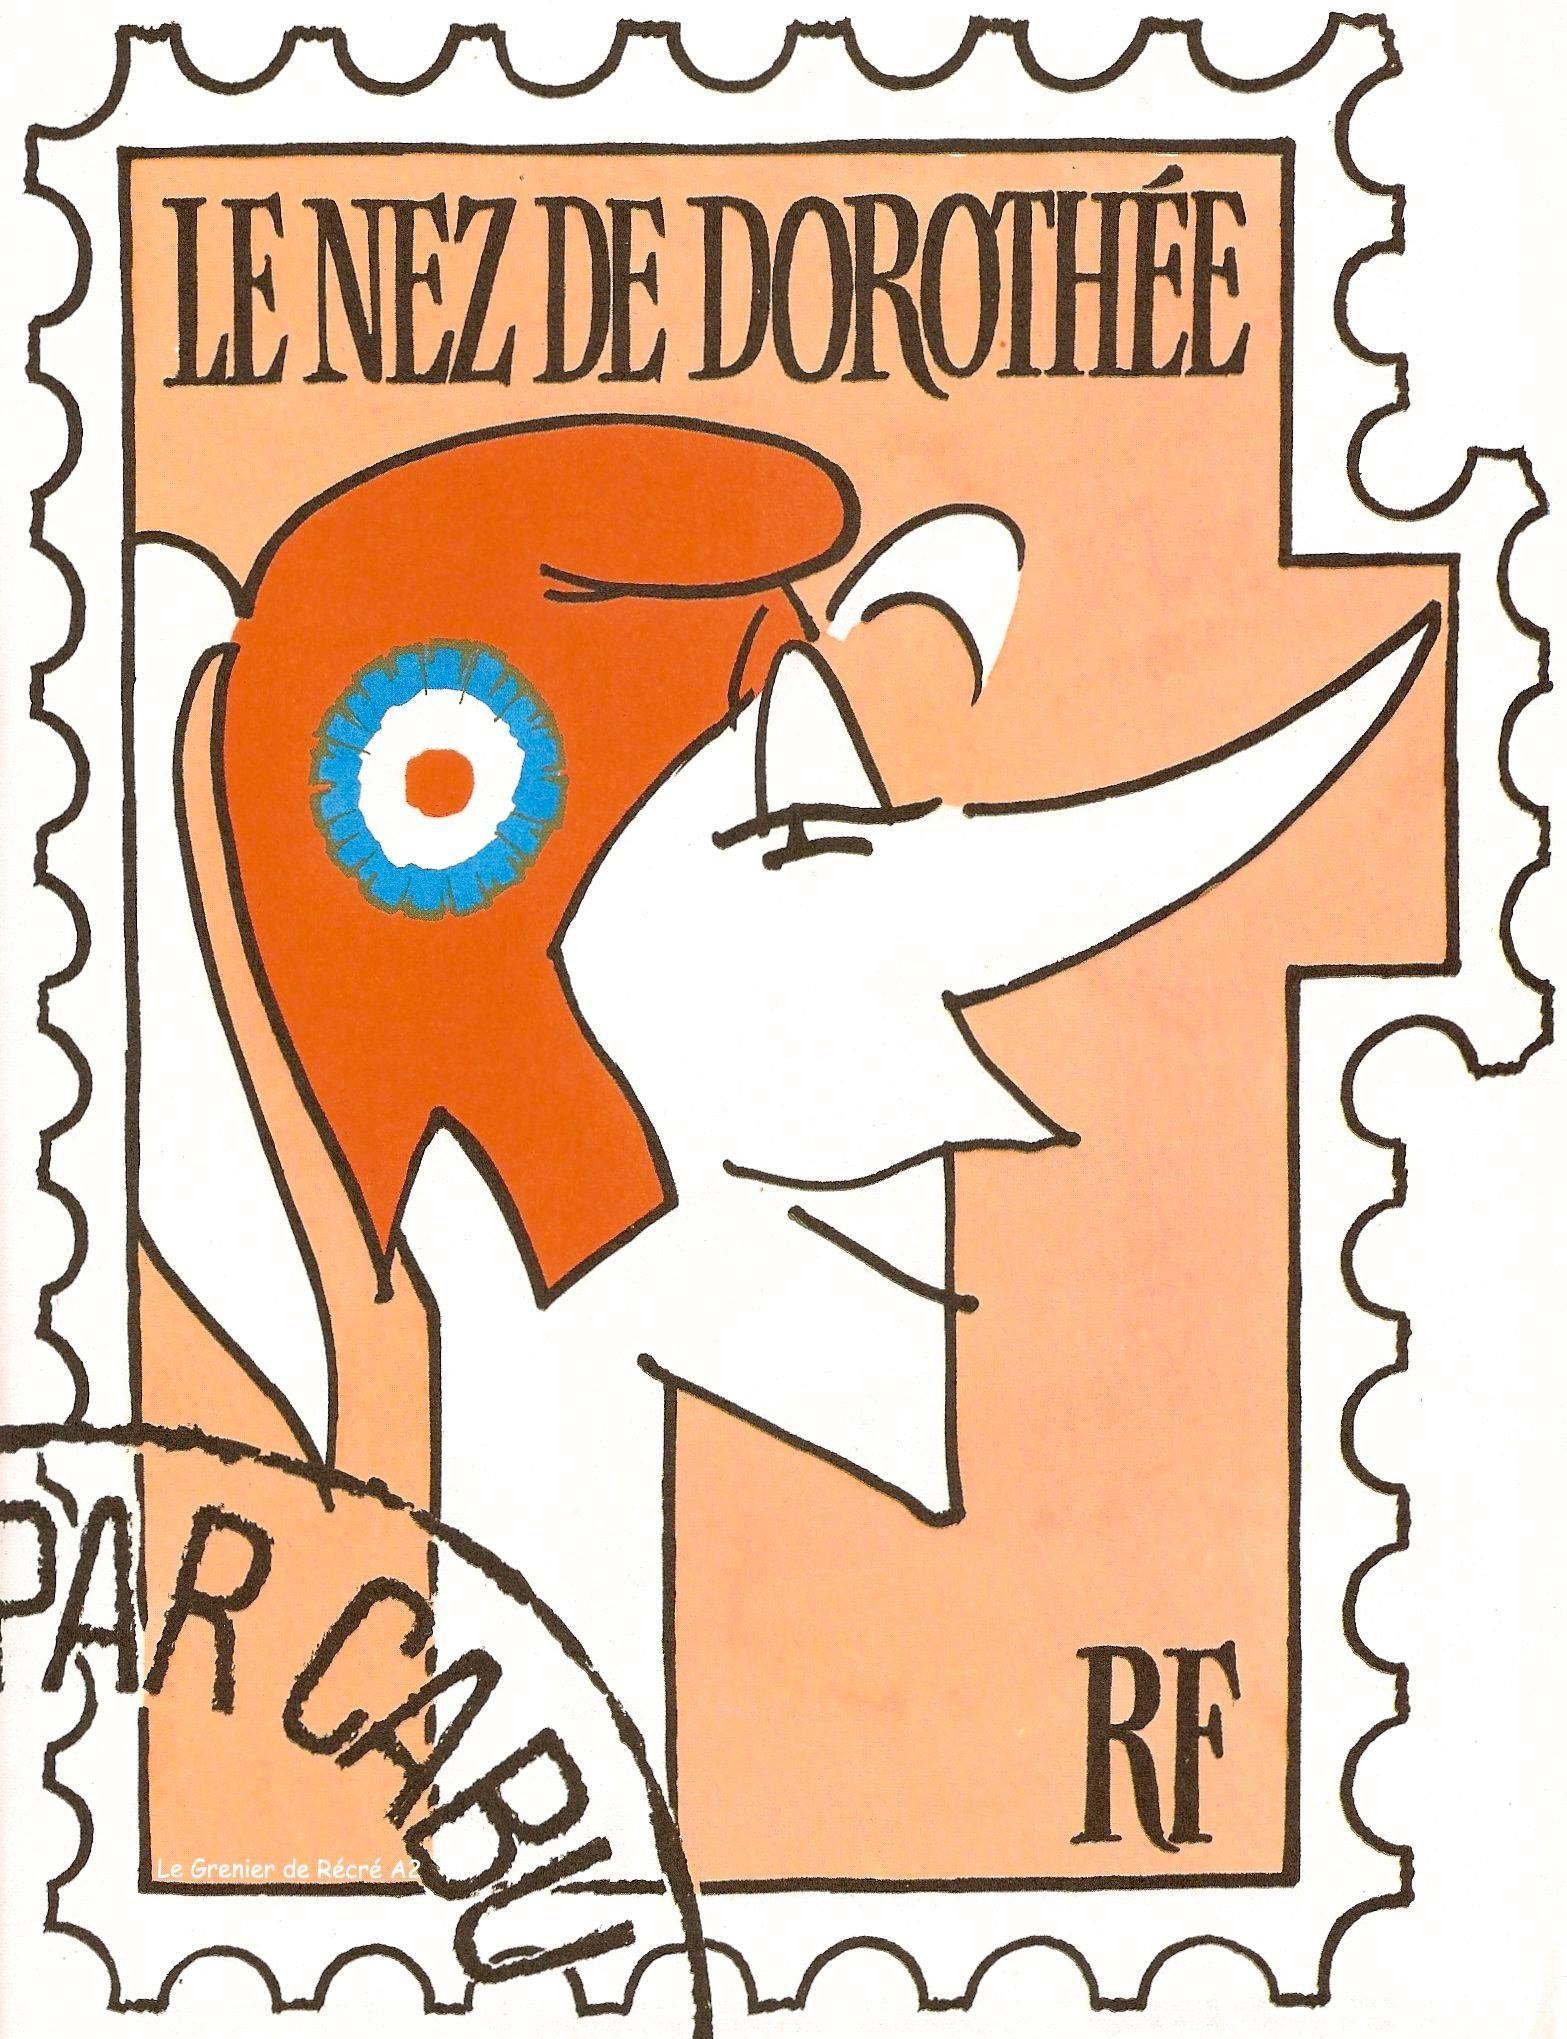 Le nez de Dorothée - Cabu